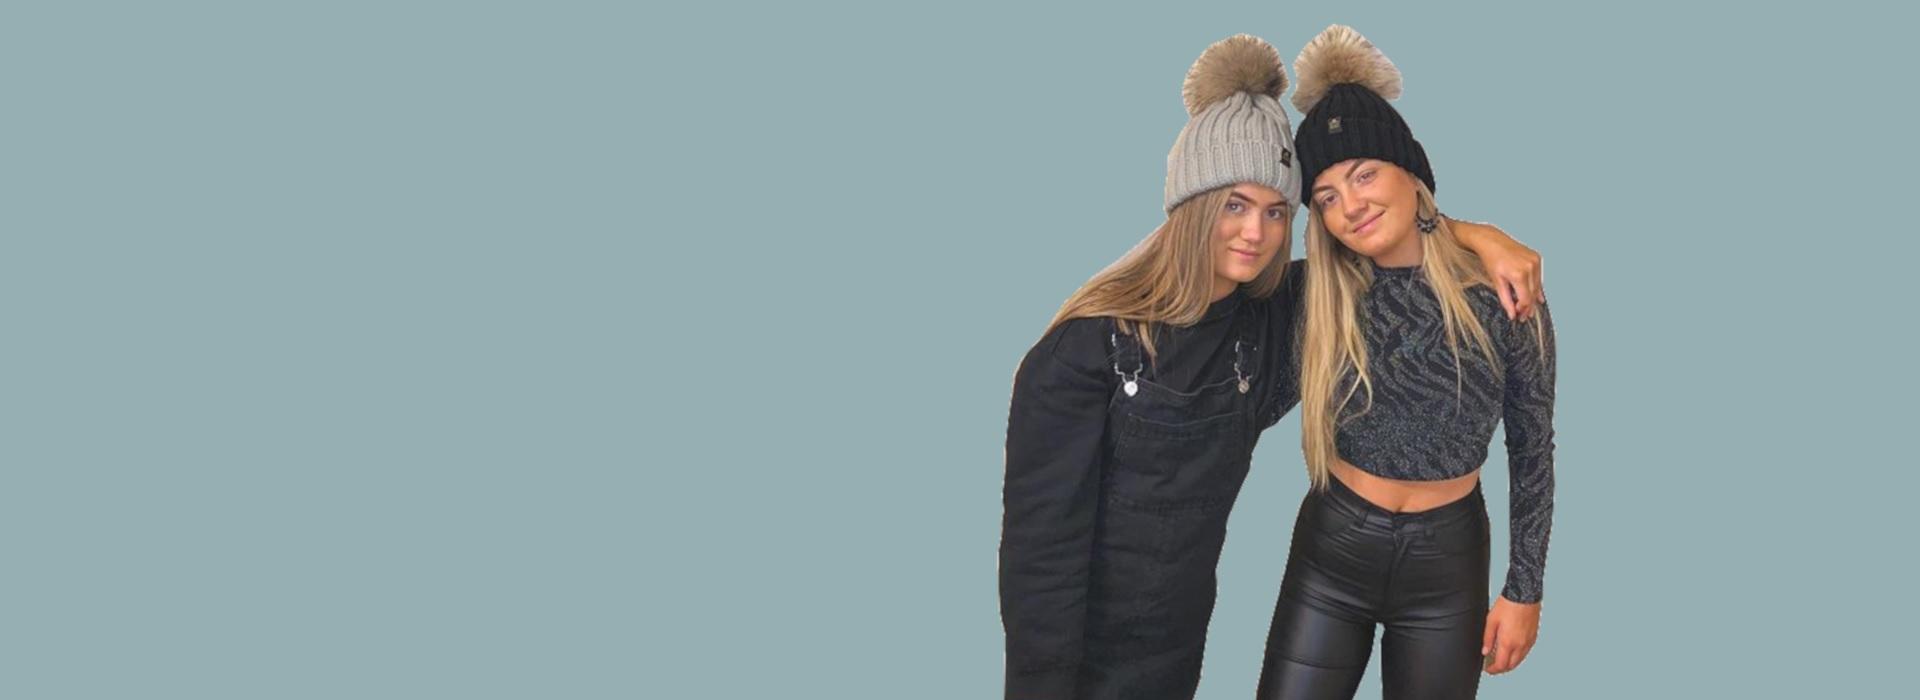 Kinsale Bobble Hats